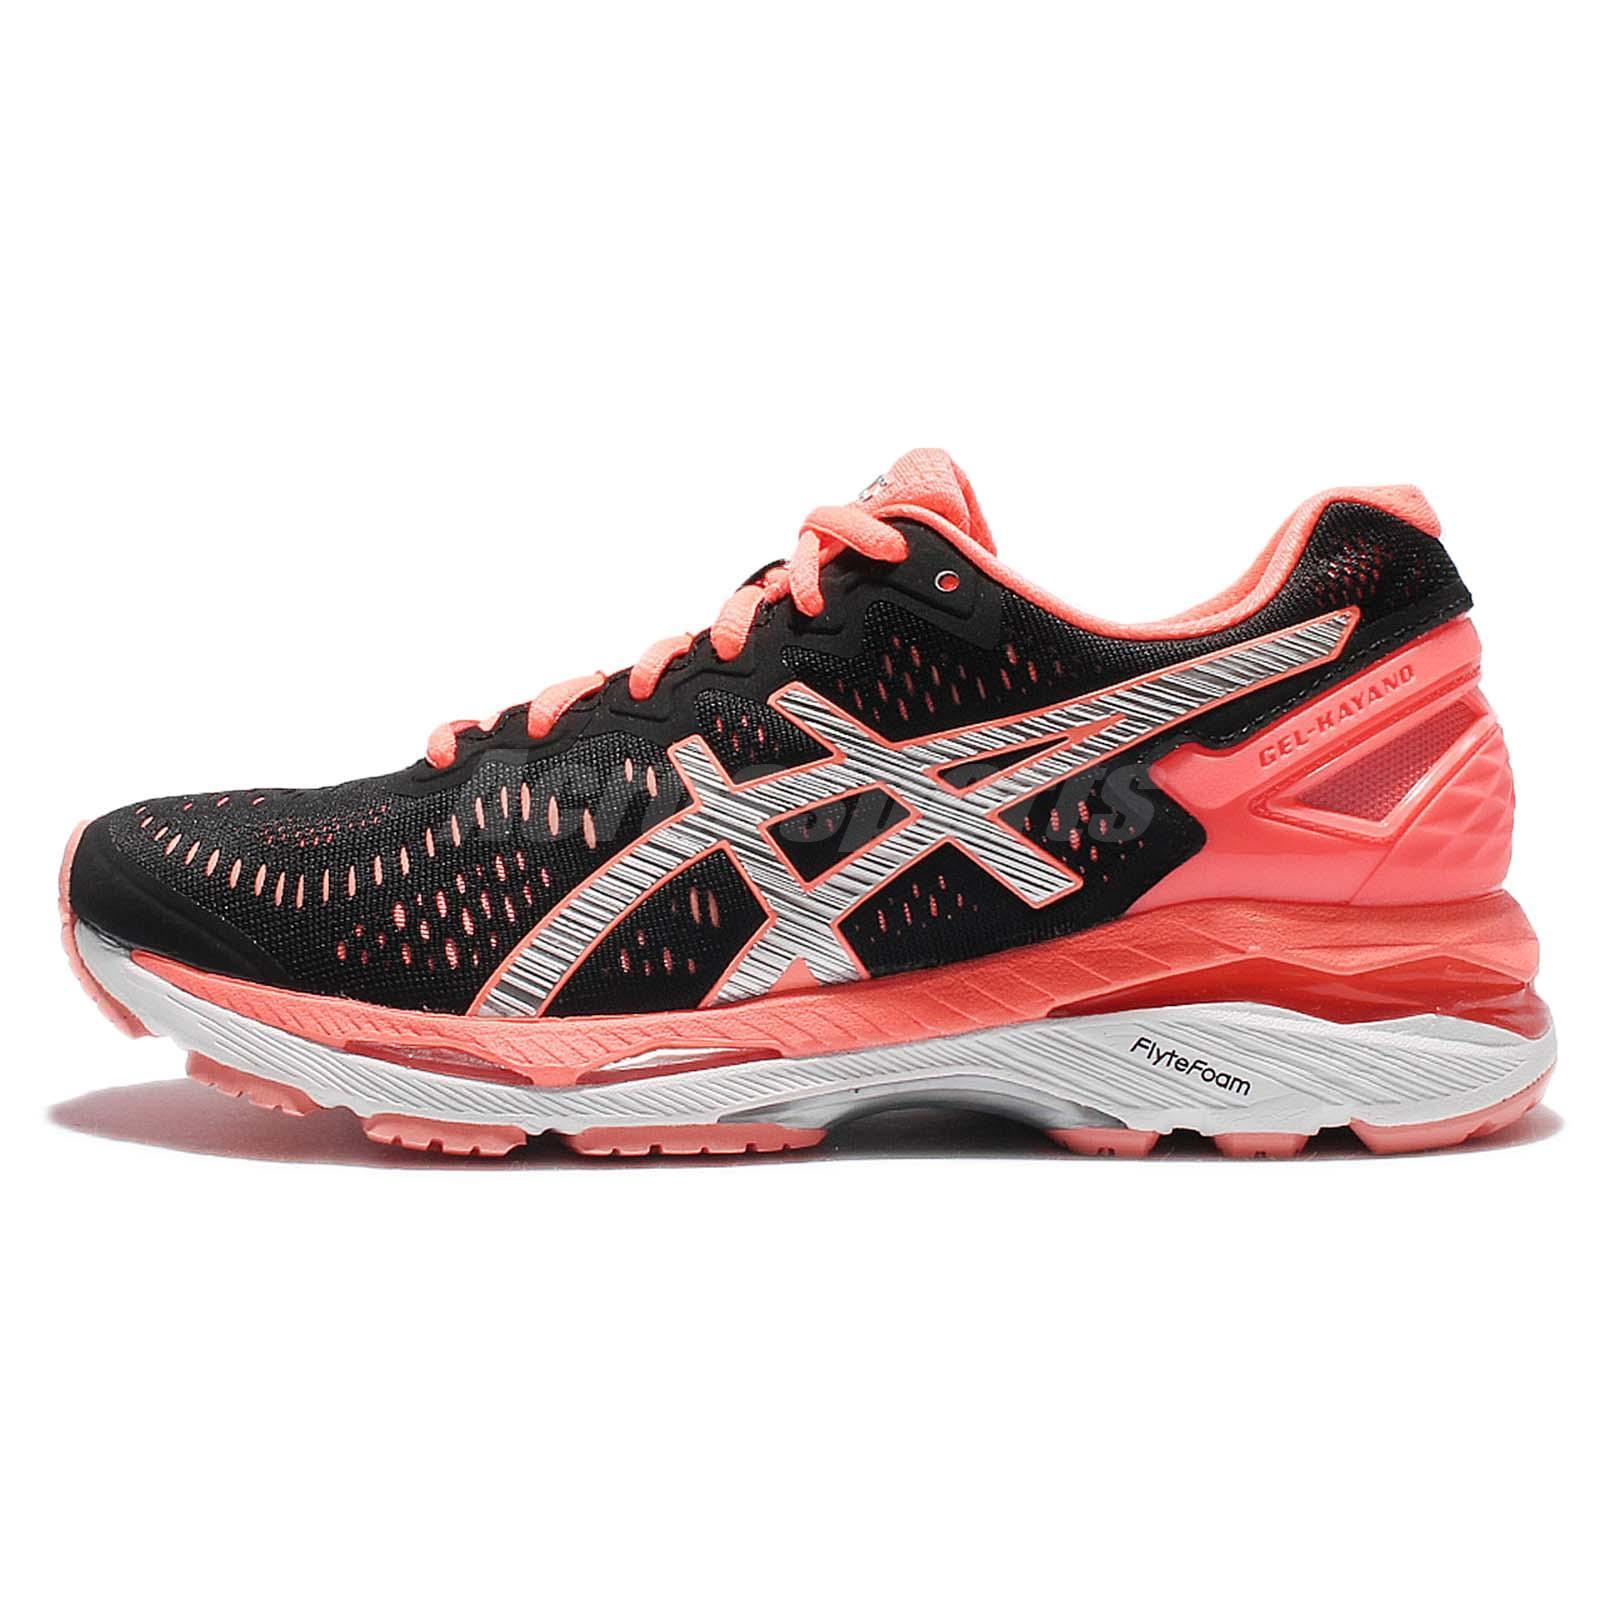 Asics Gel-Kayano 23 Black Pink Womens Running Shoes ...